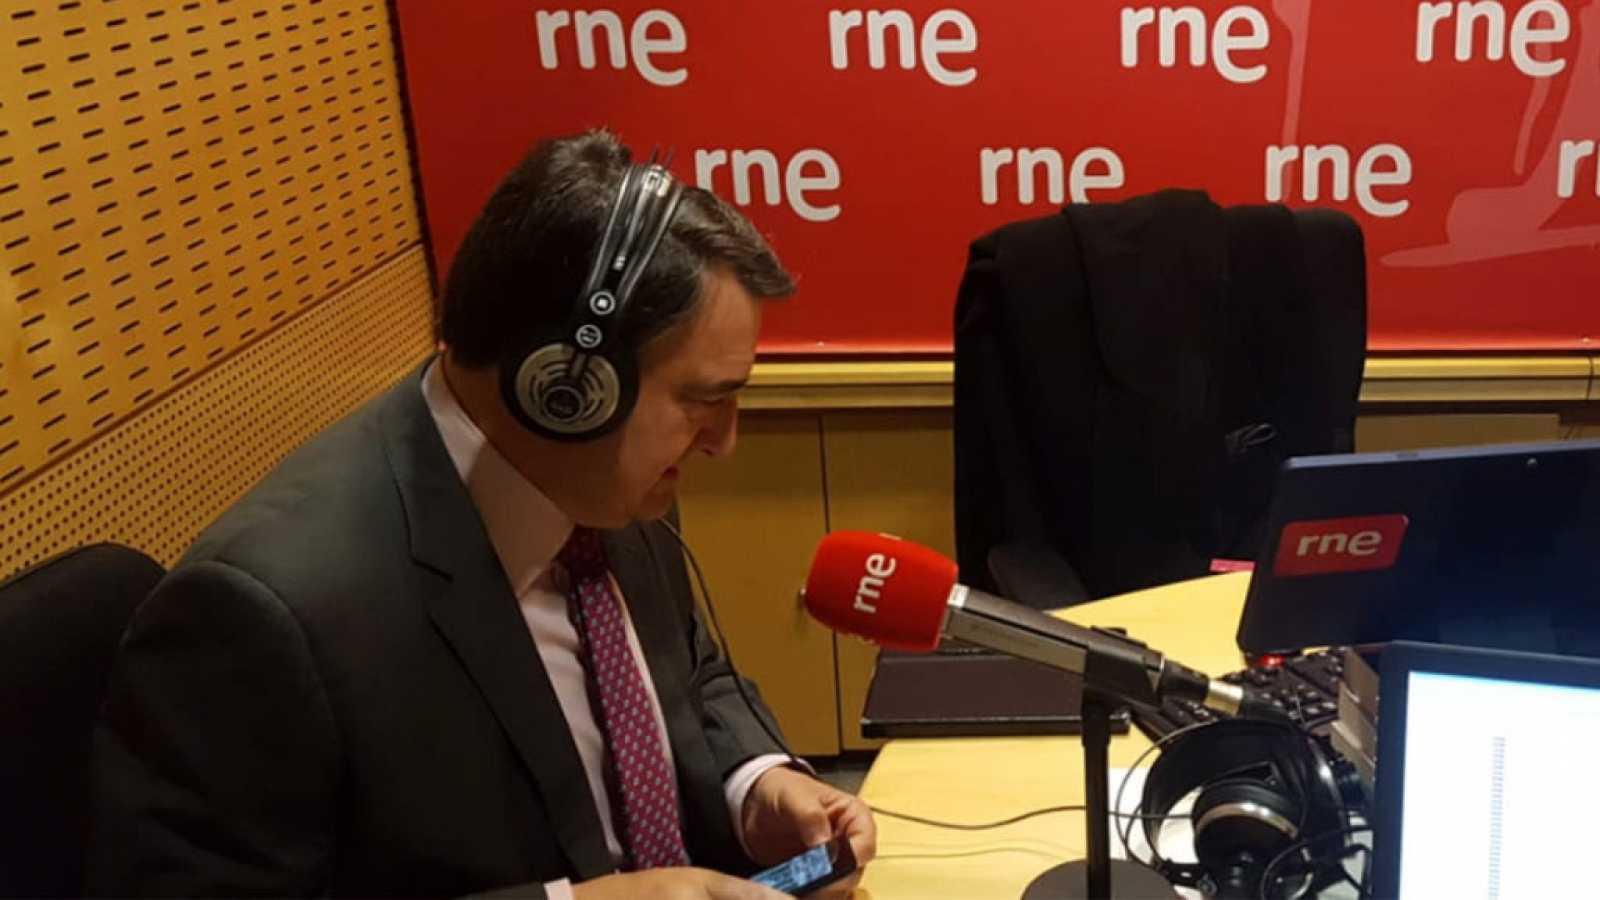 """Parlamento - Radio 5 - Aitor Esteban (PNV): """"El impuesto al diésel es un mensaje malo hacia el consumidor, que puede perjudicar más que beneficiar a la industria"""" - Escuchar ahora"""